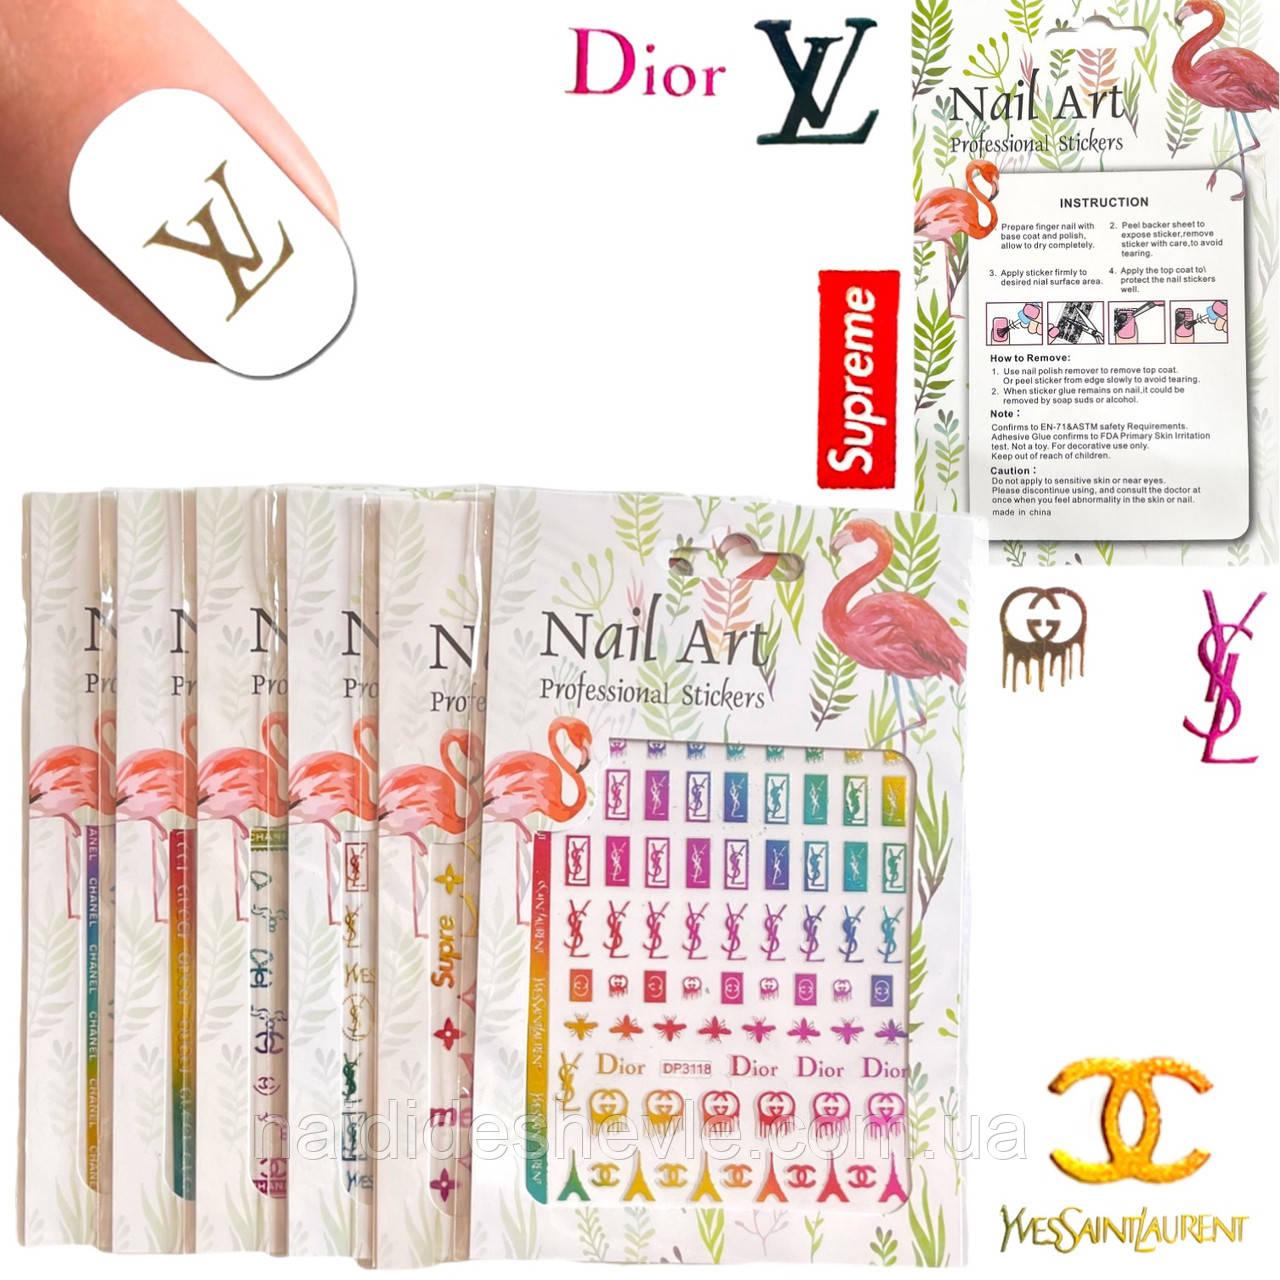 Nail Art ЗD наклейки -стікери для дизайну нігтів на липкій основі кольорові ( бренди )